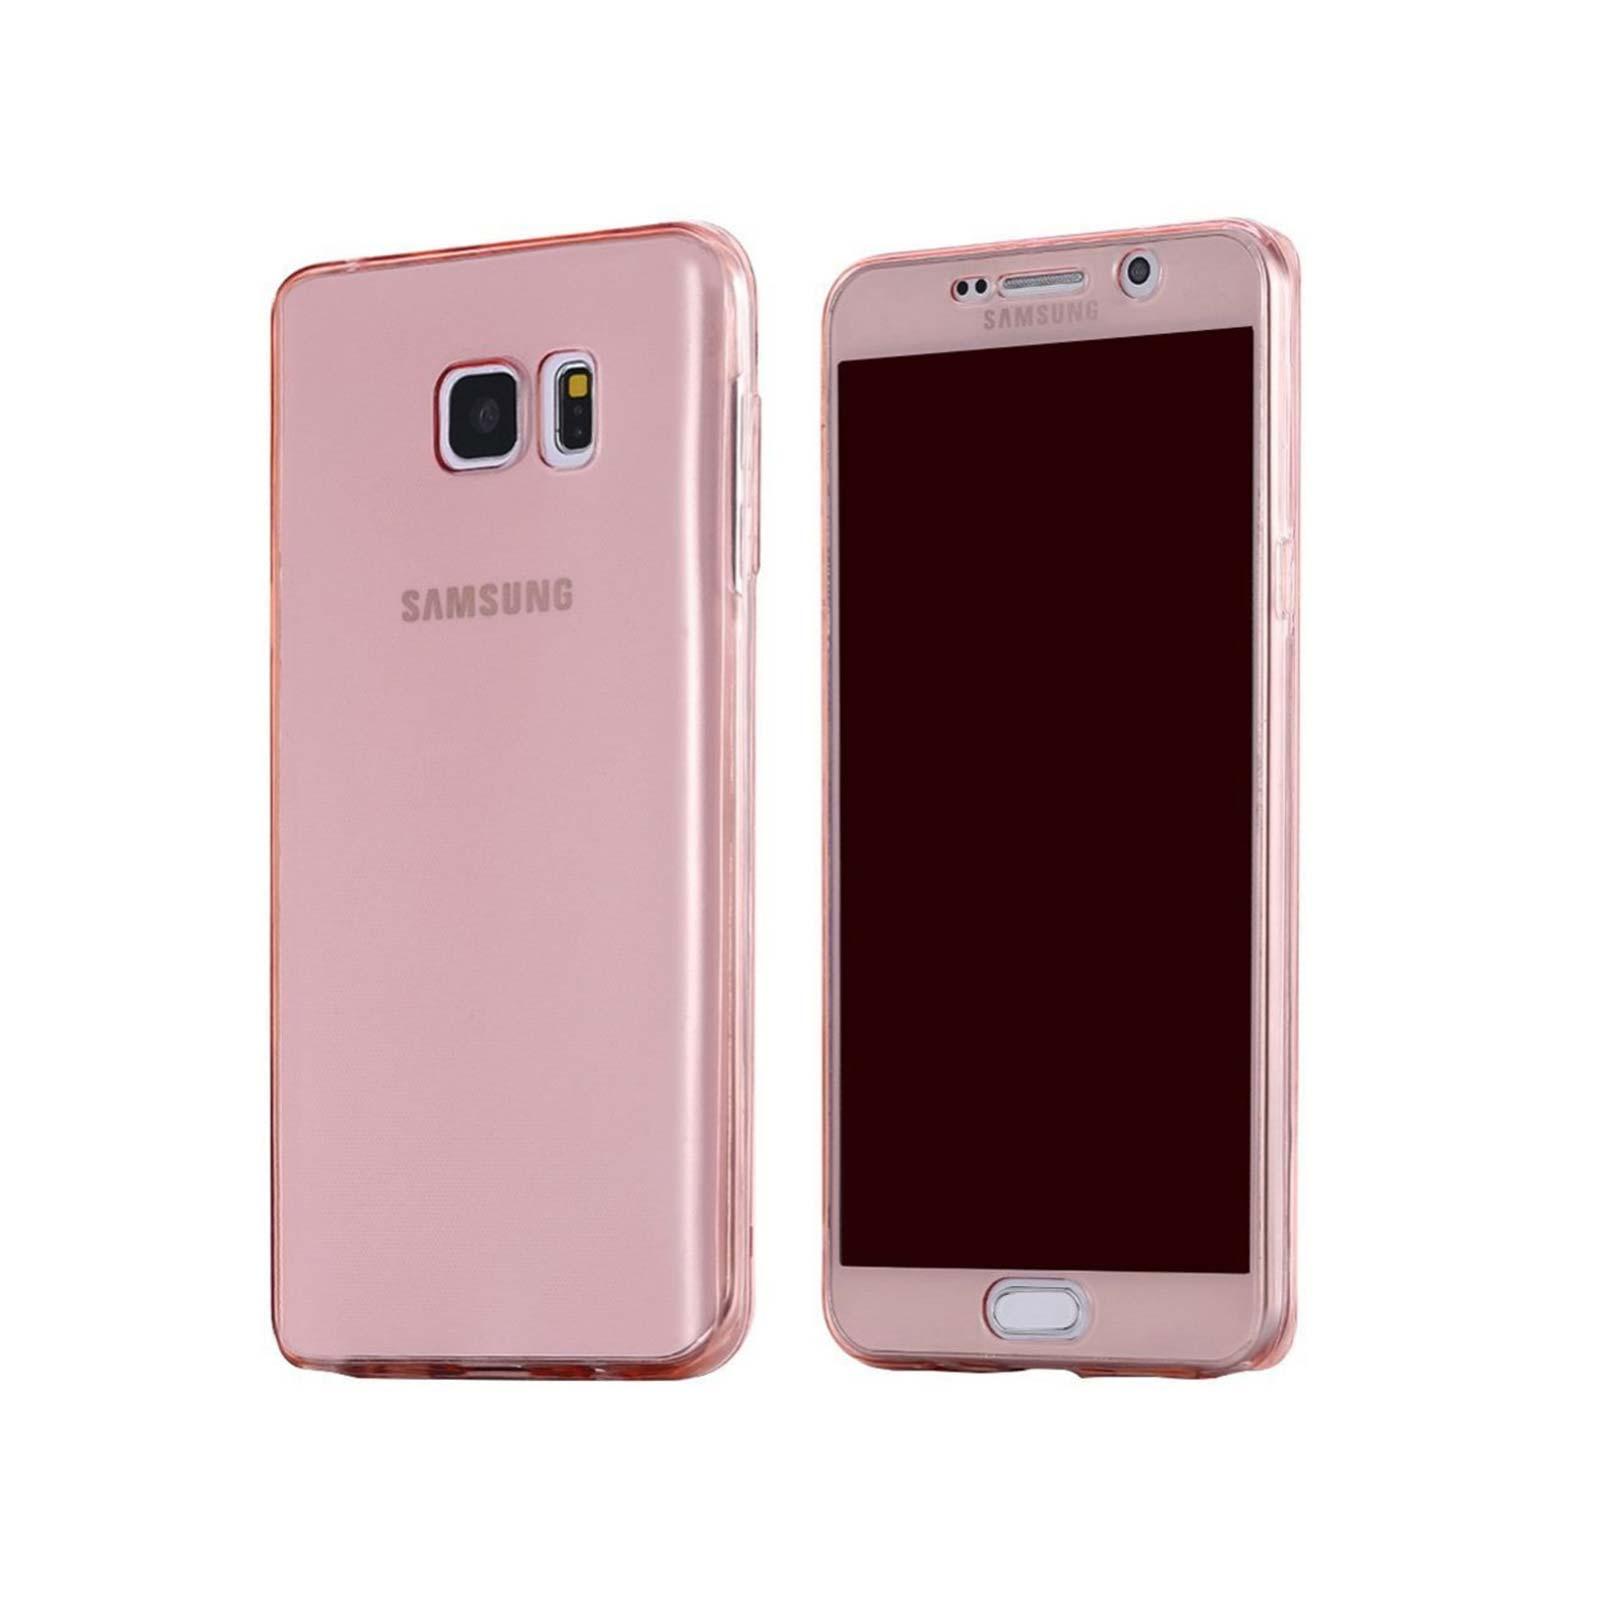 Coque Silicone Integrale Samsung Galaxy A3 2017 Coque Anti Choc Totale 360° Linc | eBay